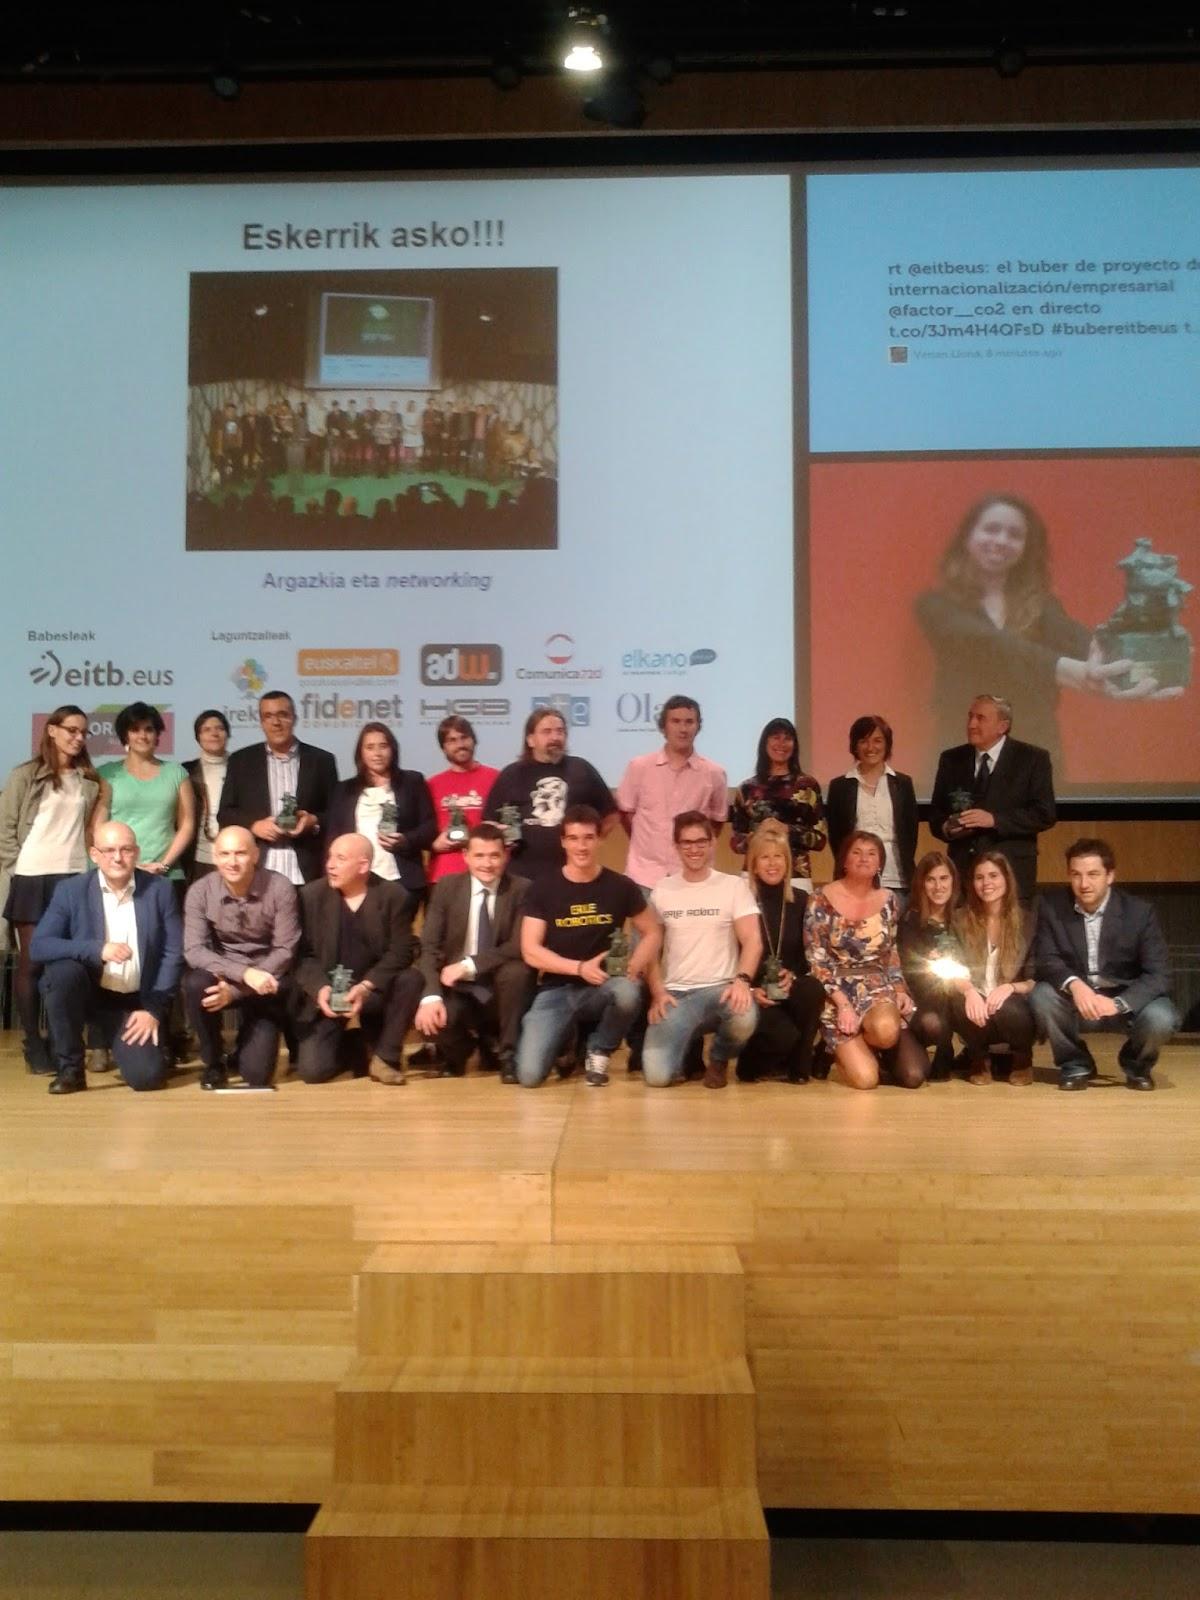 Imagen propia de los ganadores de los Premios Buber 2014